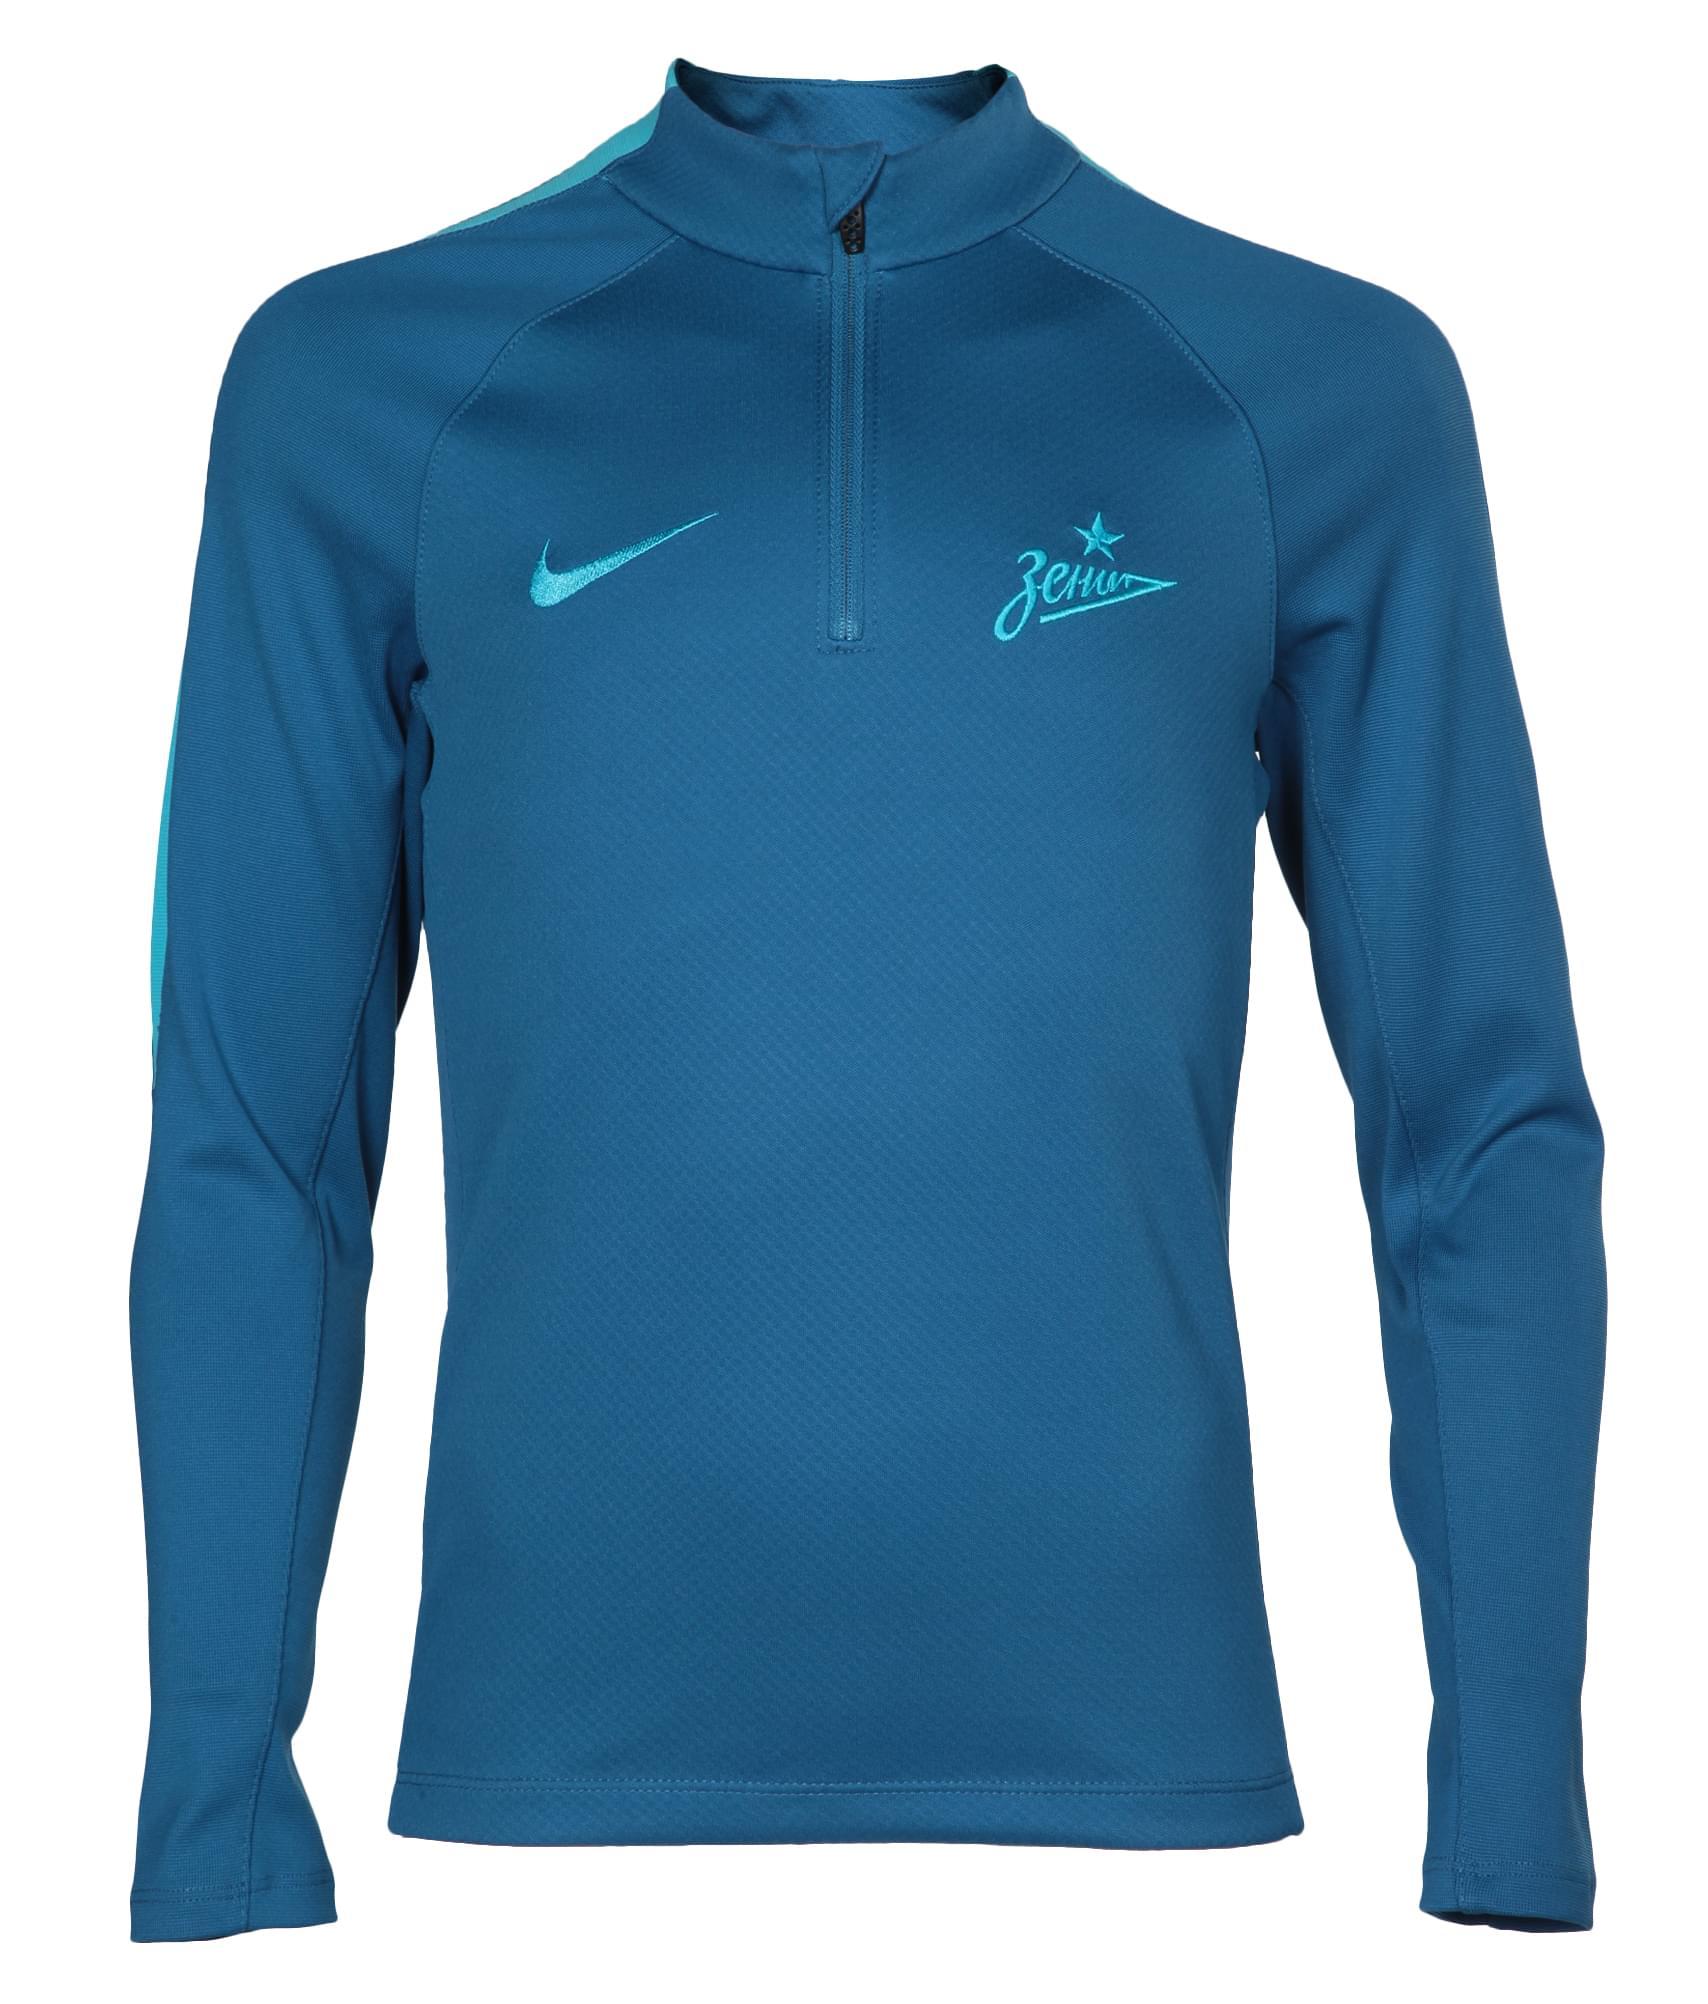 Джемпер тренировочный подростковый Nike Nike Цвет-Синий джемпер тренировочный подростковый nike цвет темно синий размер m